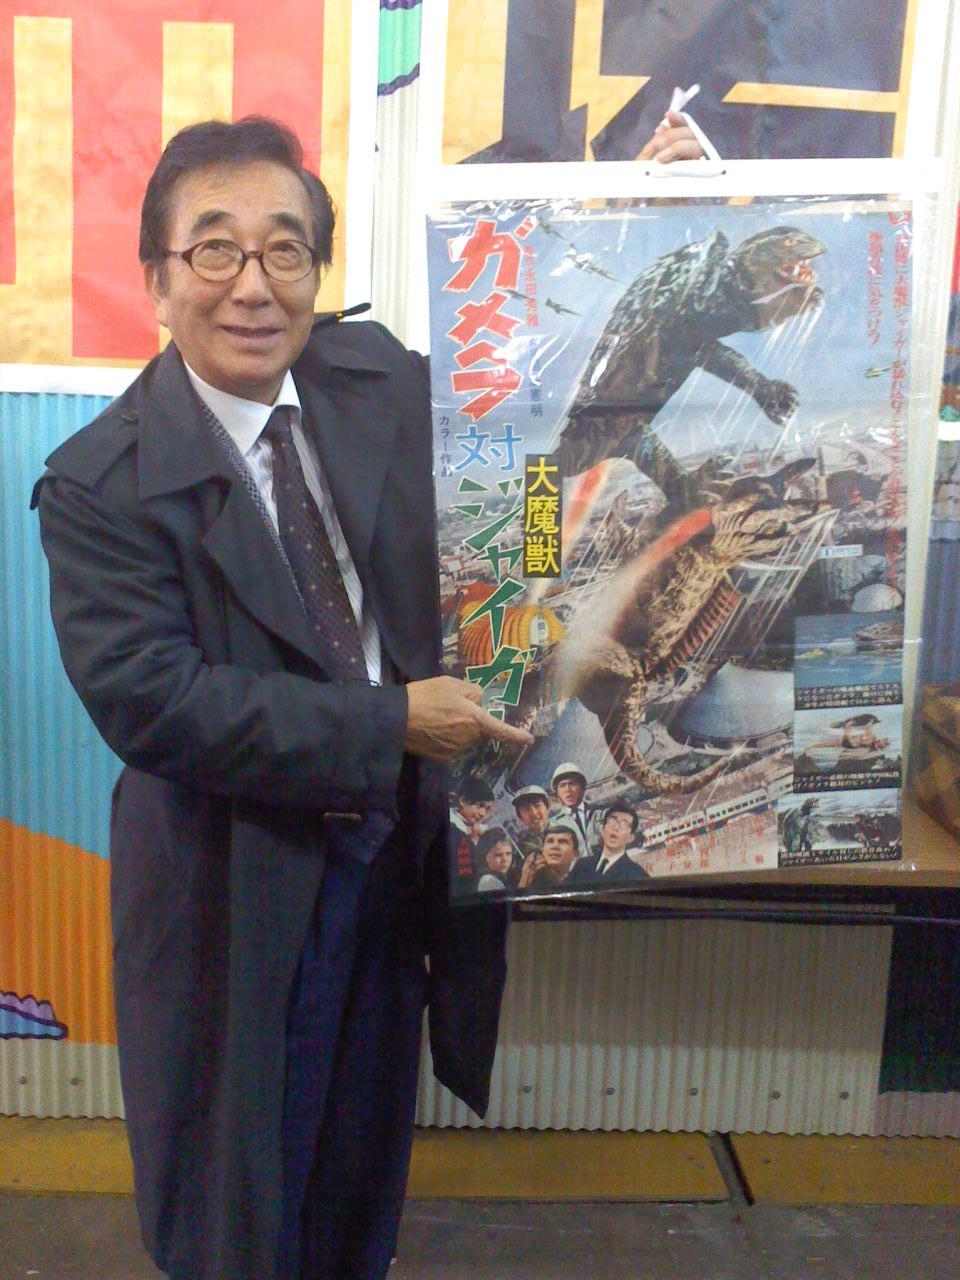 コンちゃん、西川先生、怪獣市場に登場!_a0196732_15235.jpg